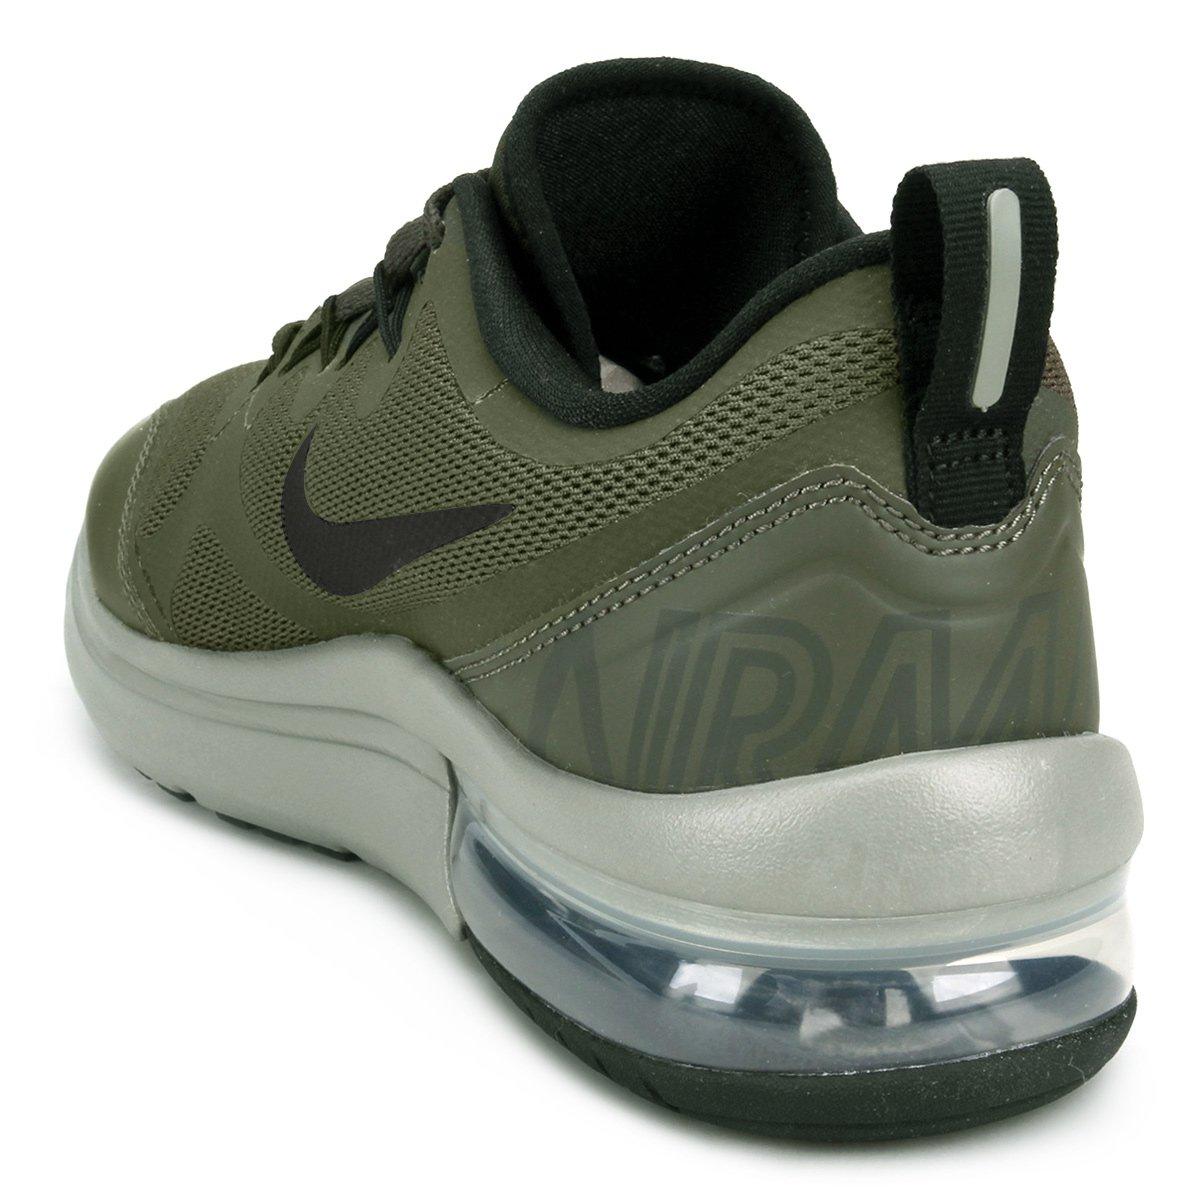 Tênis Nike Air Max Fury Masculino - Verde - Compre Agora  342bae05ab9ff